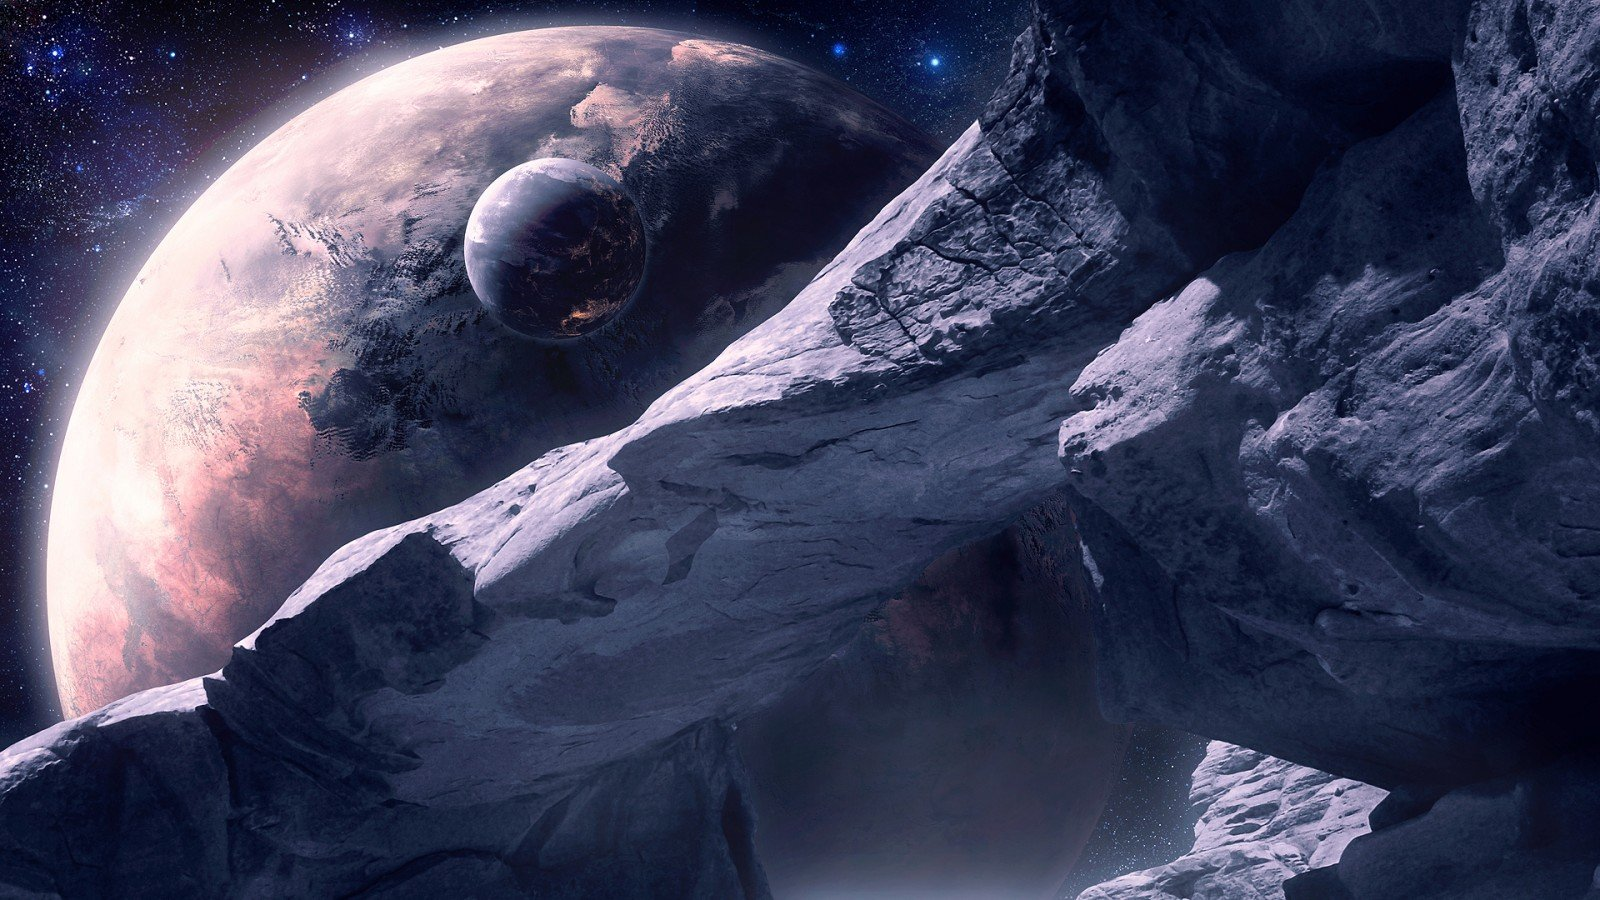 """Здравствуй Канобу!Недавно, игра в Skyrim, поймал себя на мысли:""""Хочу создать что то своё - свой мир, своих героев, с ... - Изображение 1"""